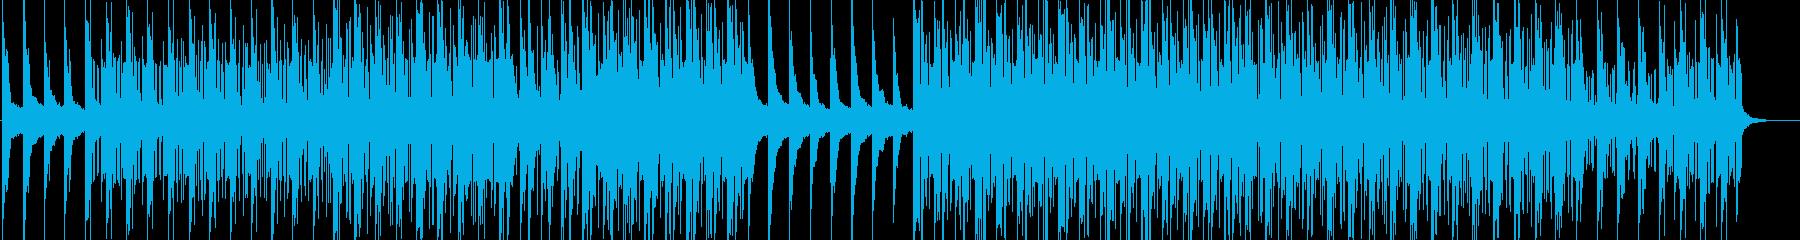 PV-空間演出-動画-浮遊-爽やか-企業の再生済みの波形